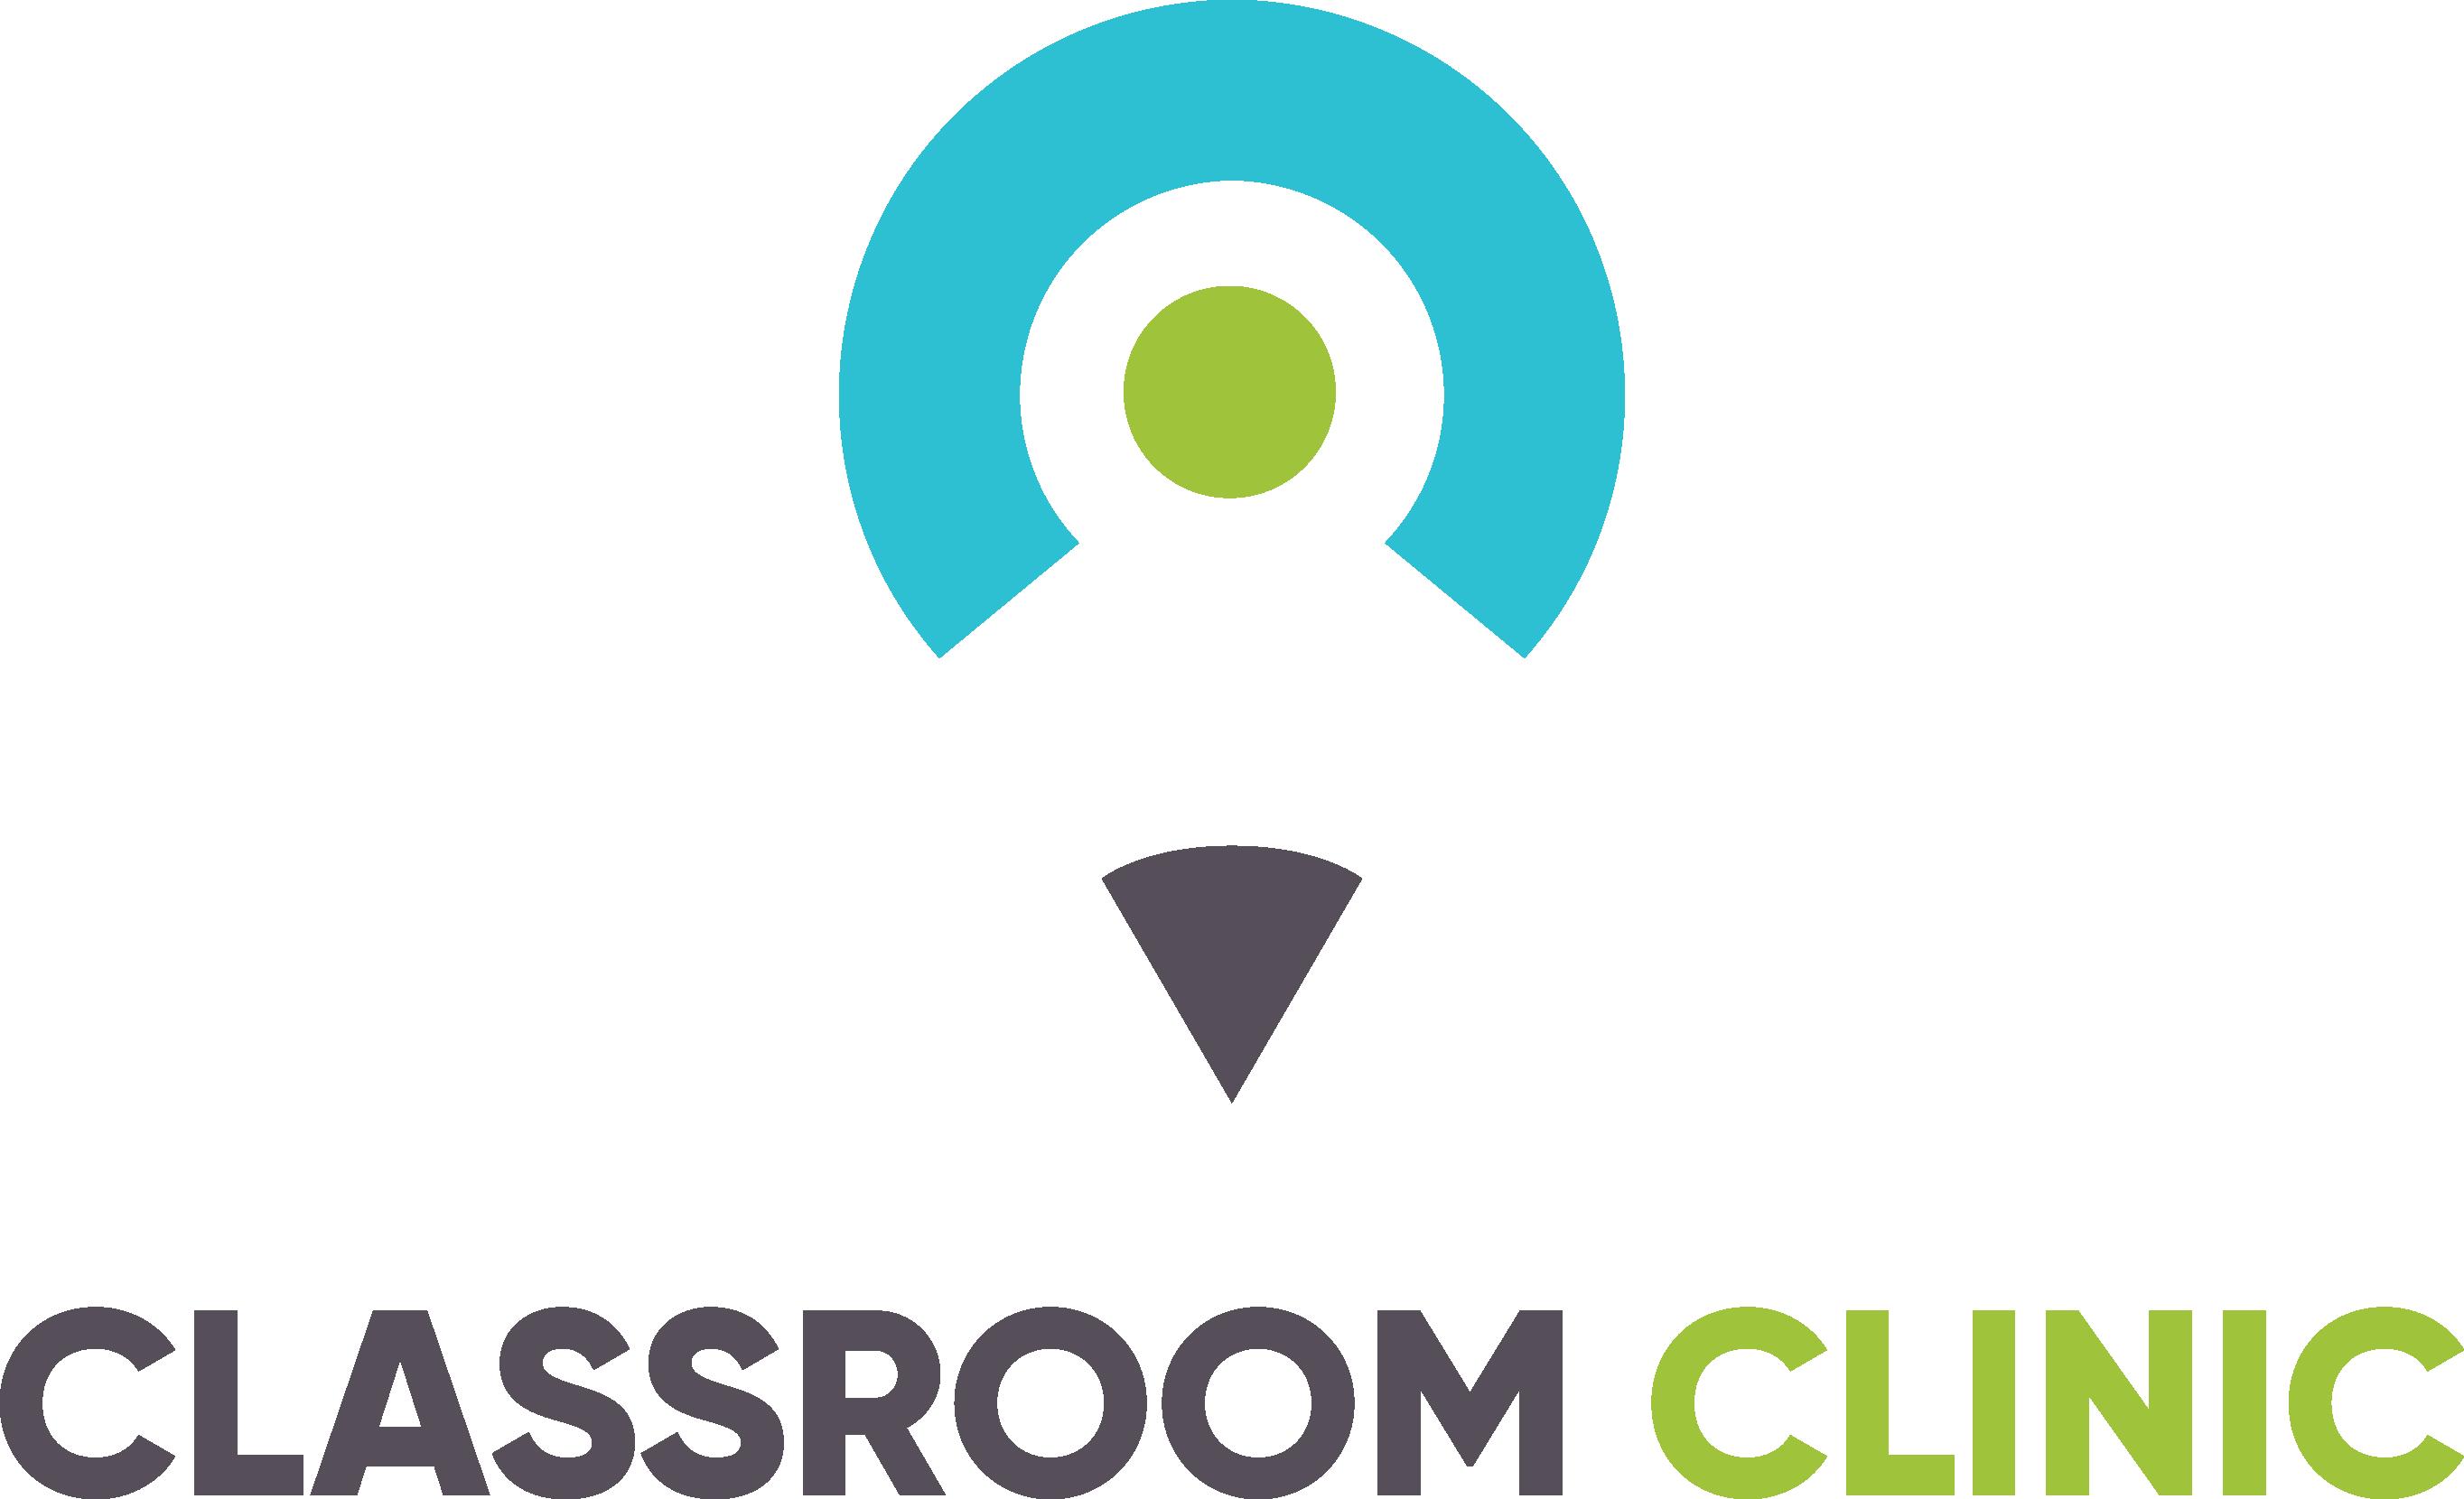 Classroom Clinic's assigned homework--design me a phenomenal logo!